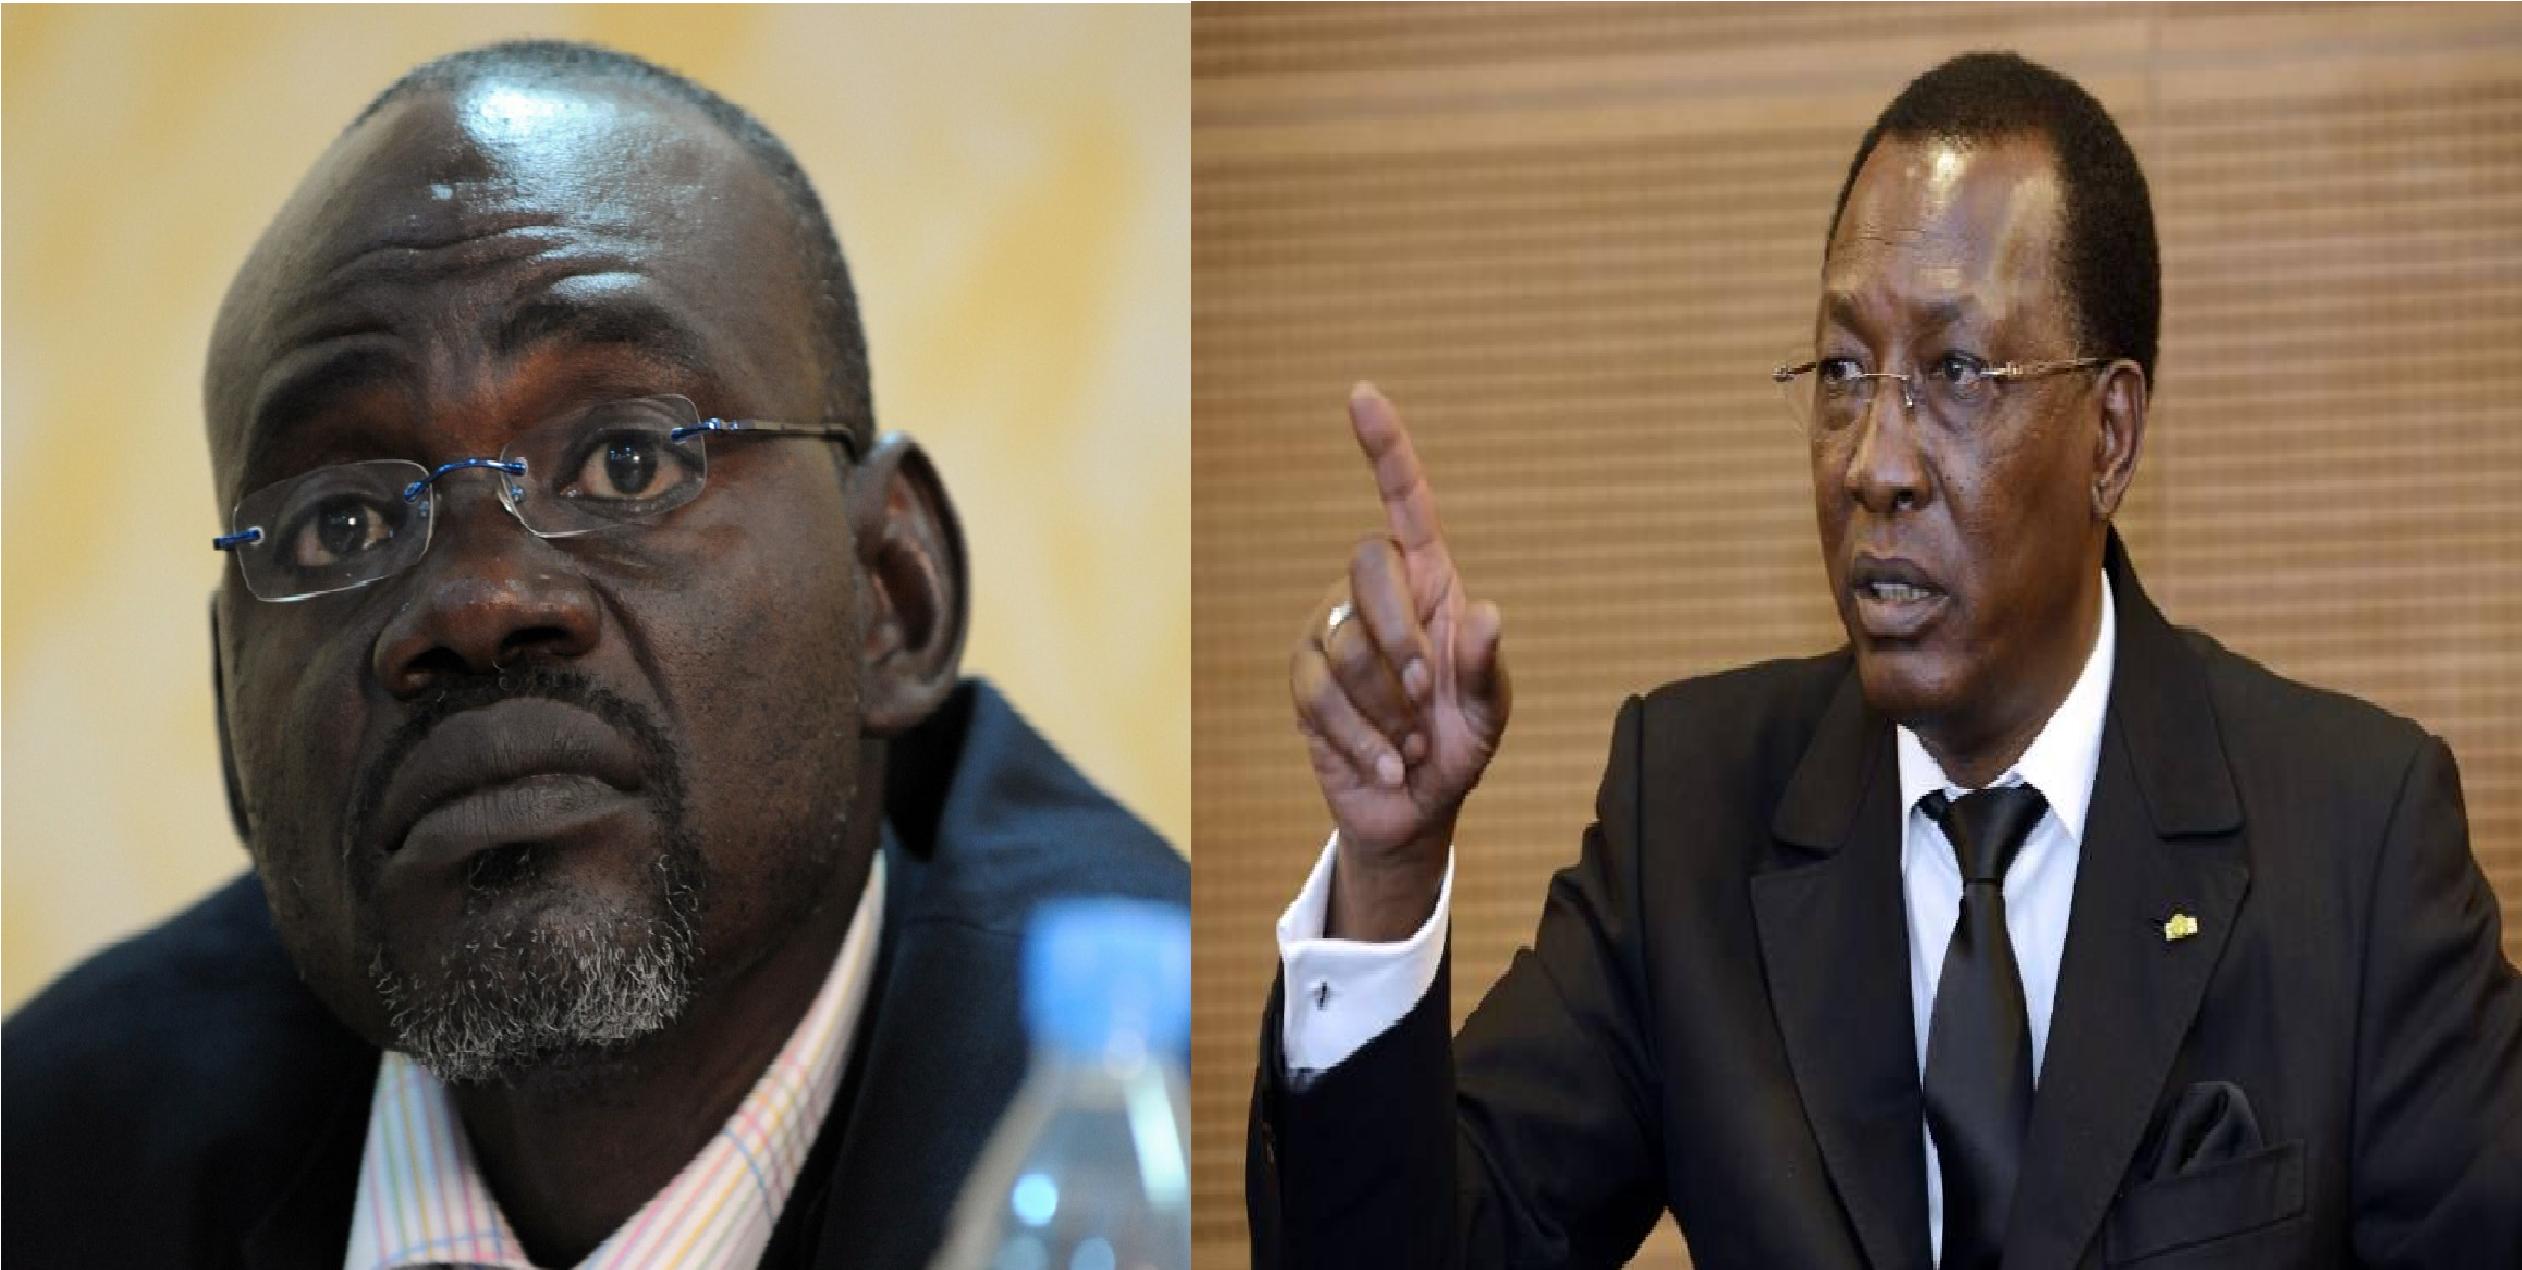 Tchad-1982-1990: De nombreuses personnes ont accusé Deby à travers des témoignages et révélations pendant l'instruction